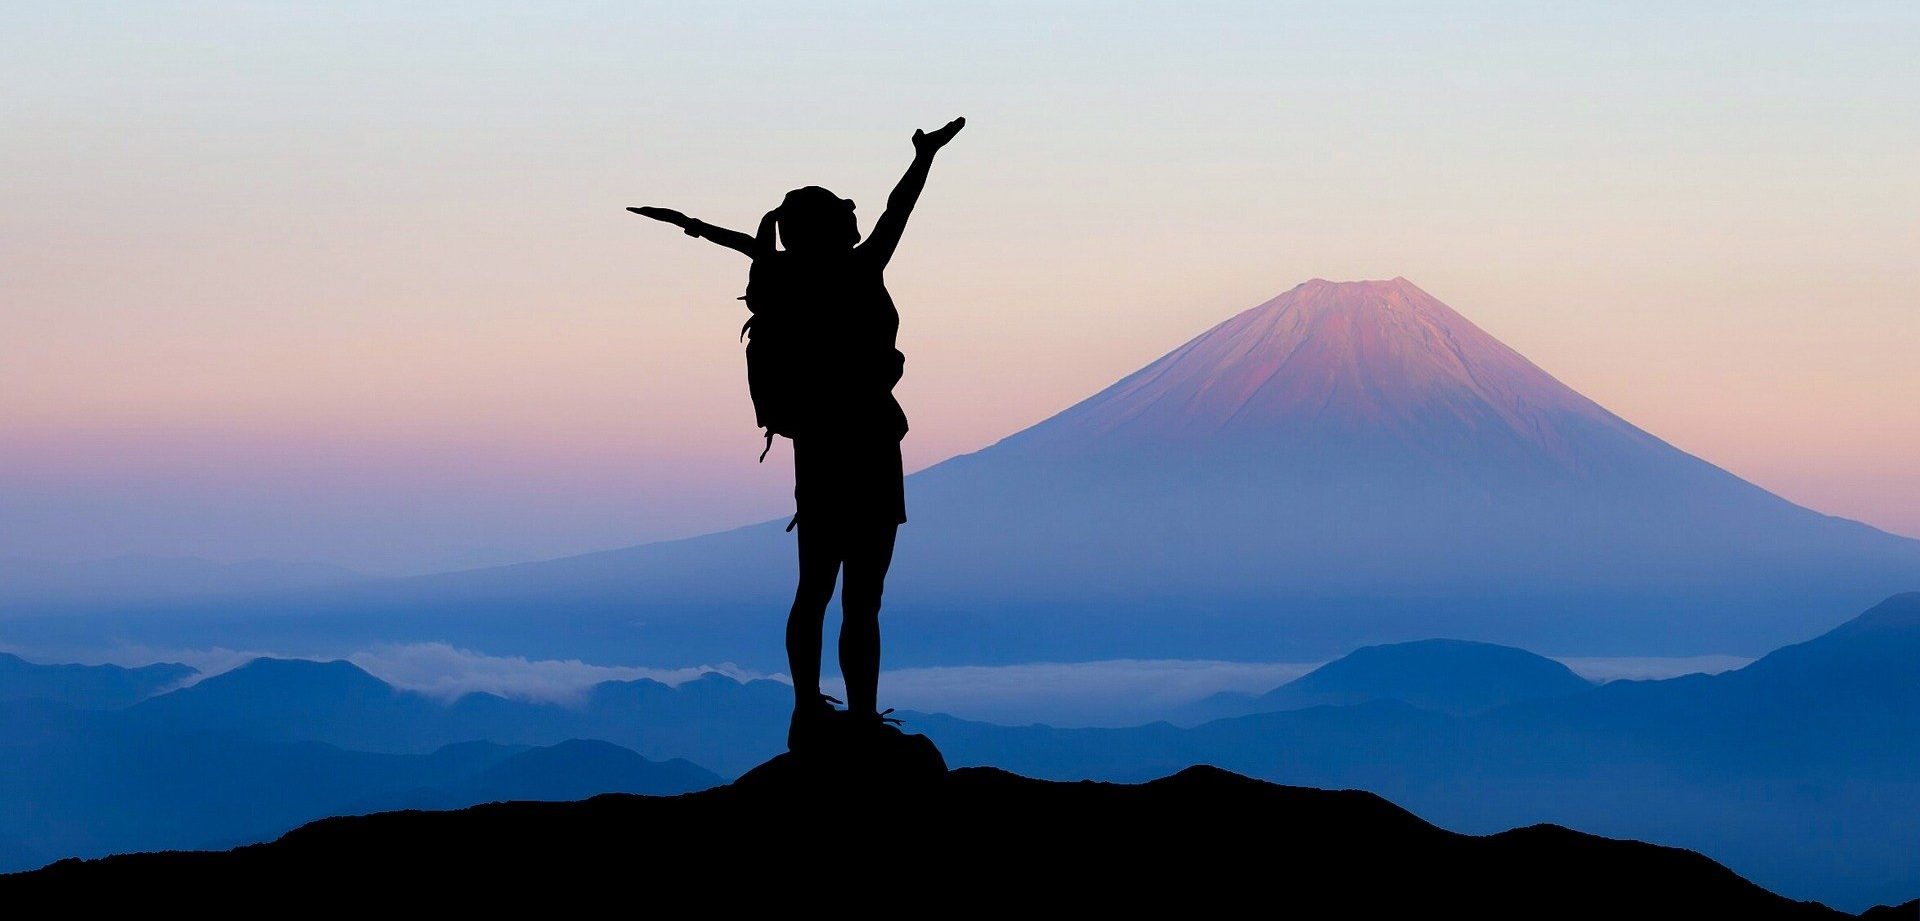 Eine Frau steht auf einem Berg und jubelt.